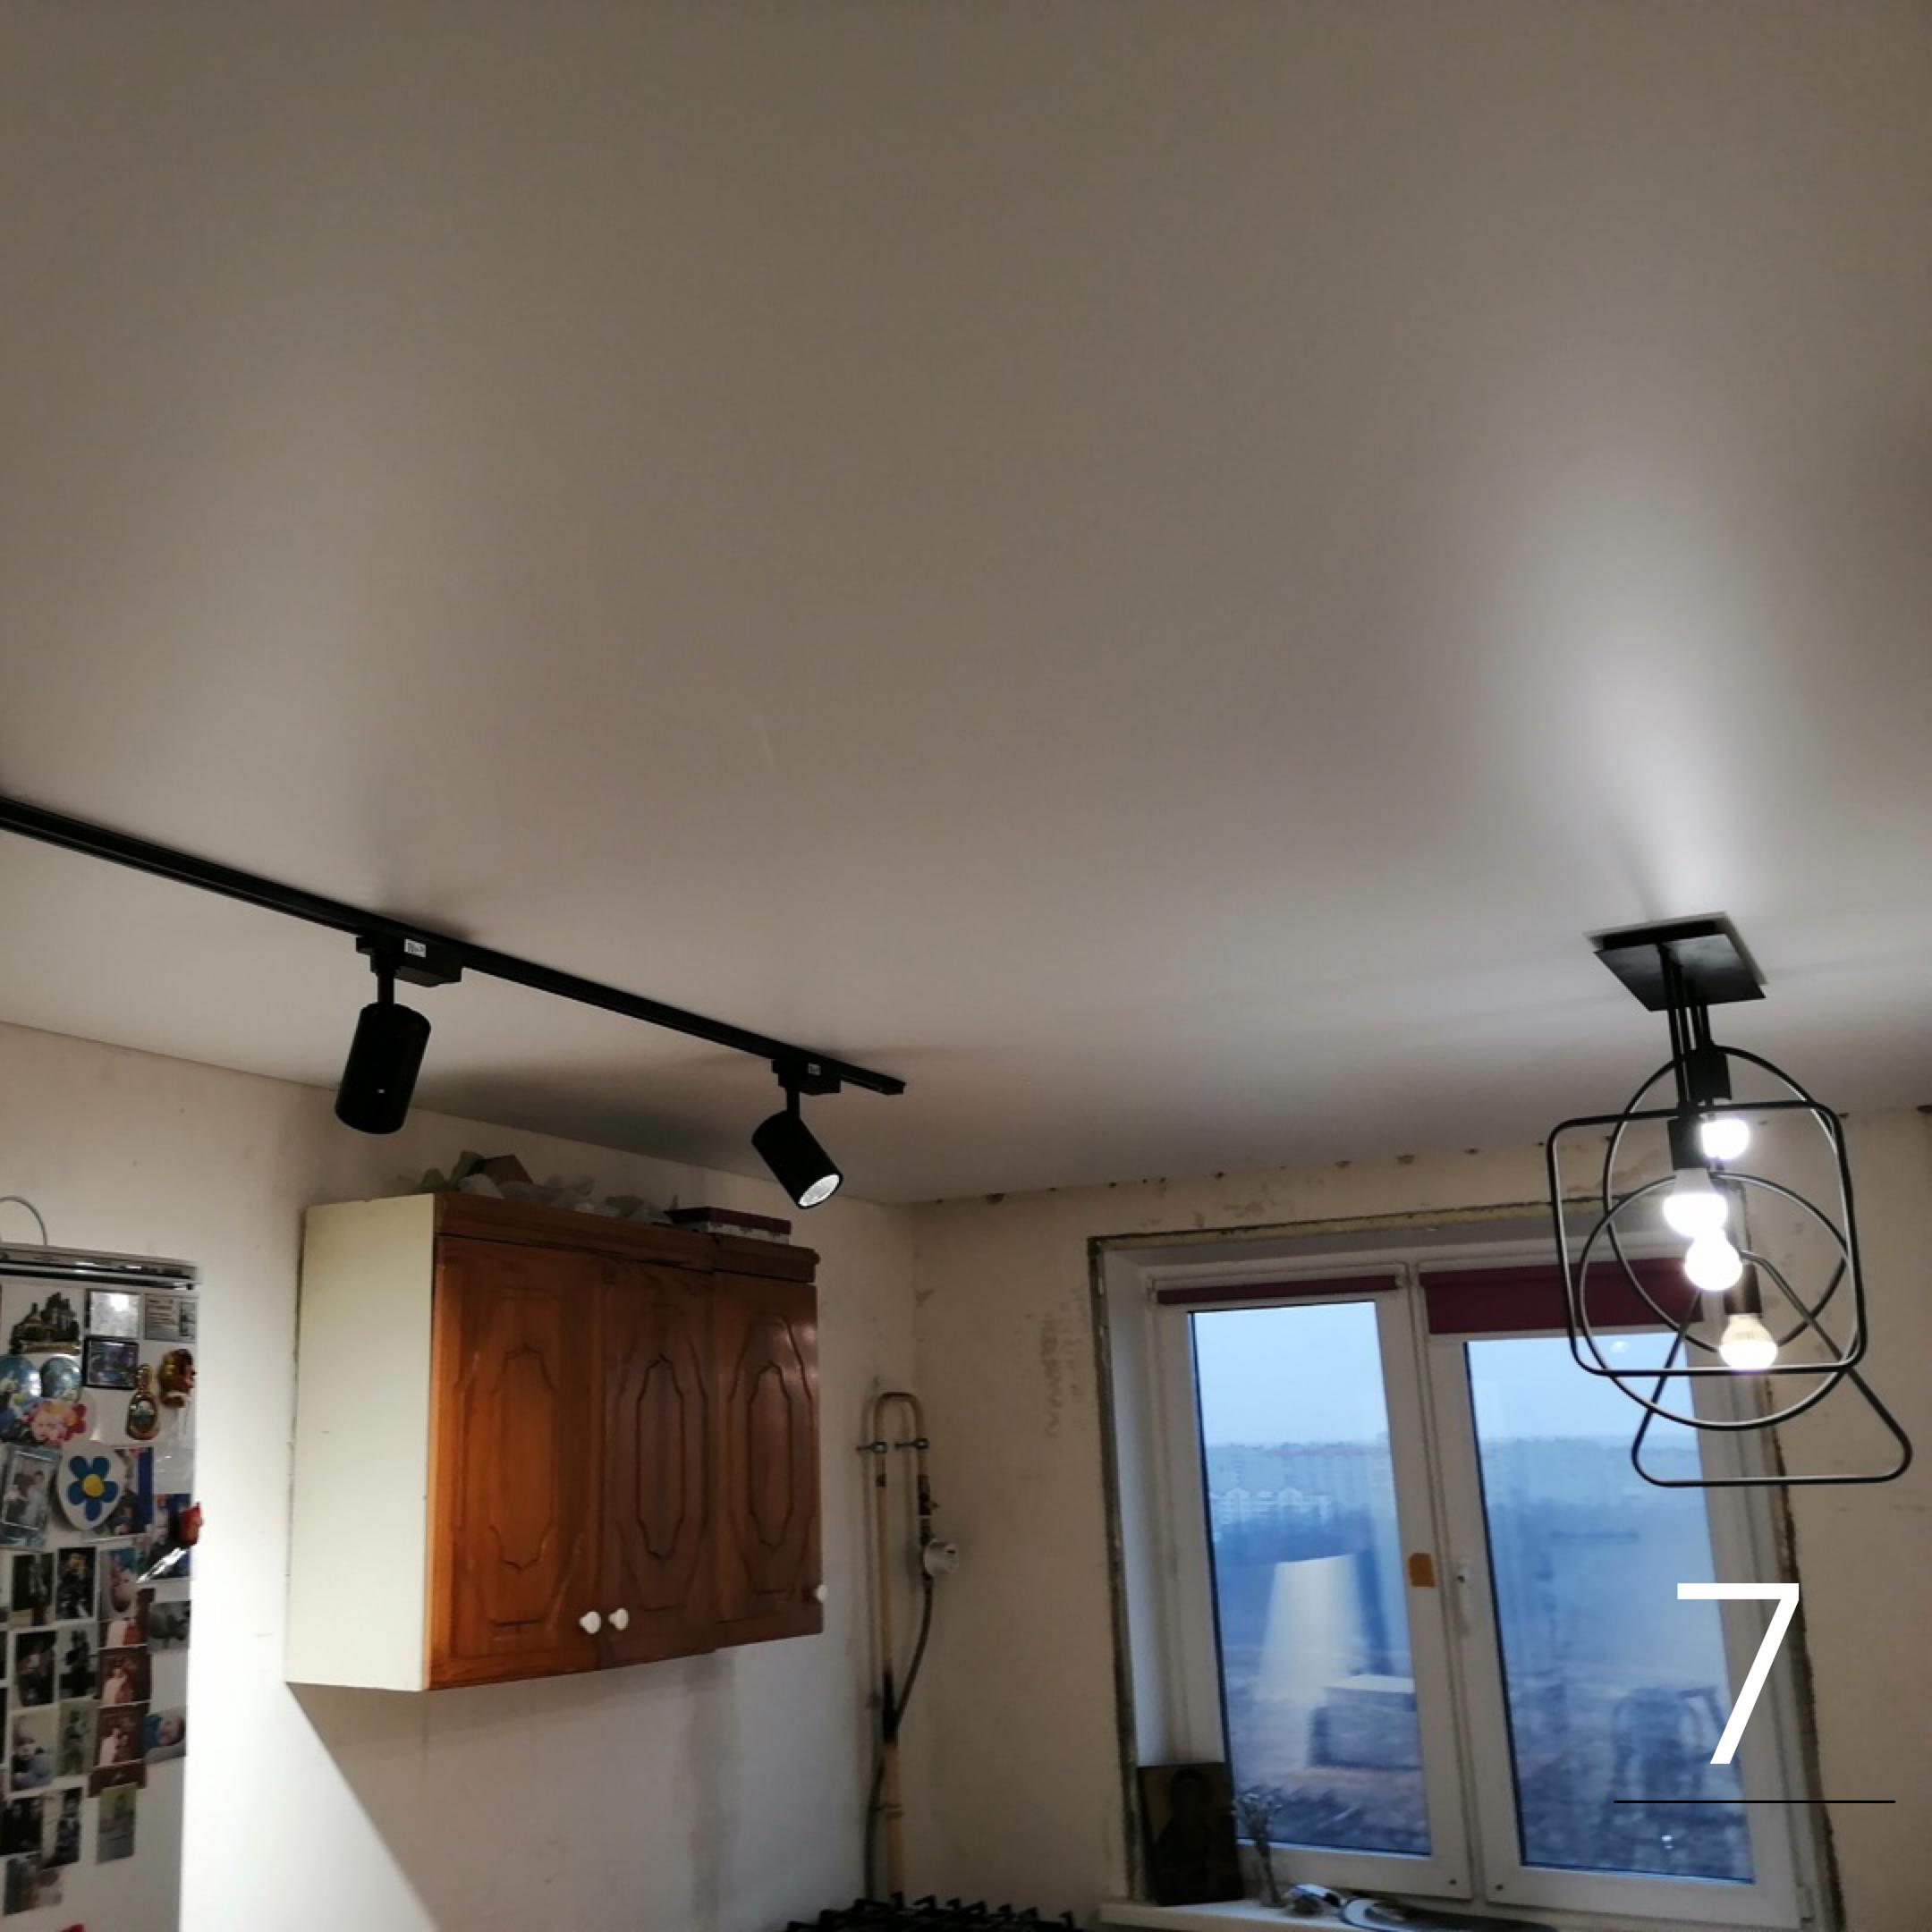 Ловите ТОП-10 идей стильного освещения для потолка от «Репы»